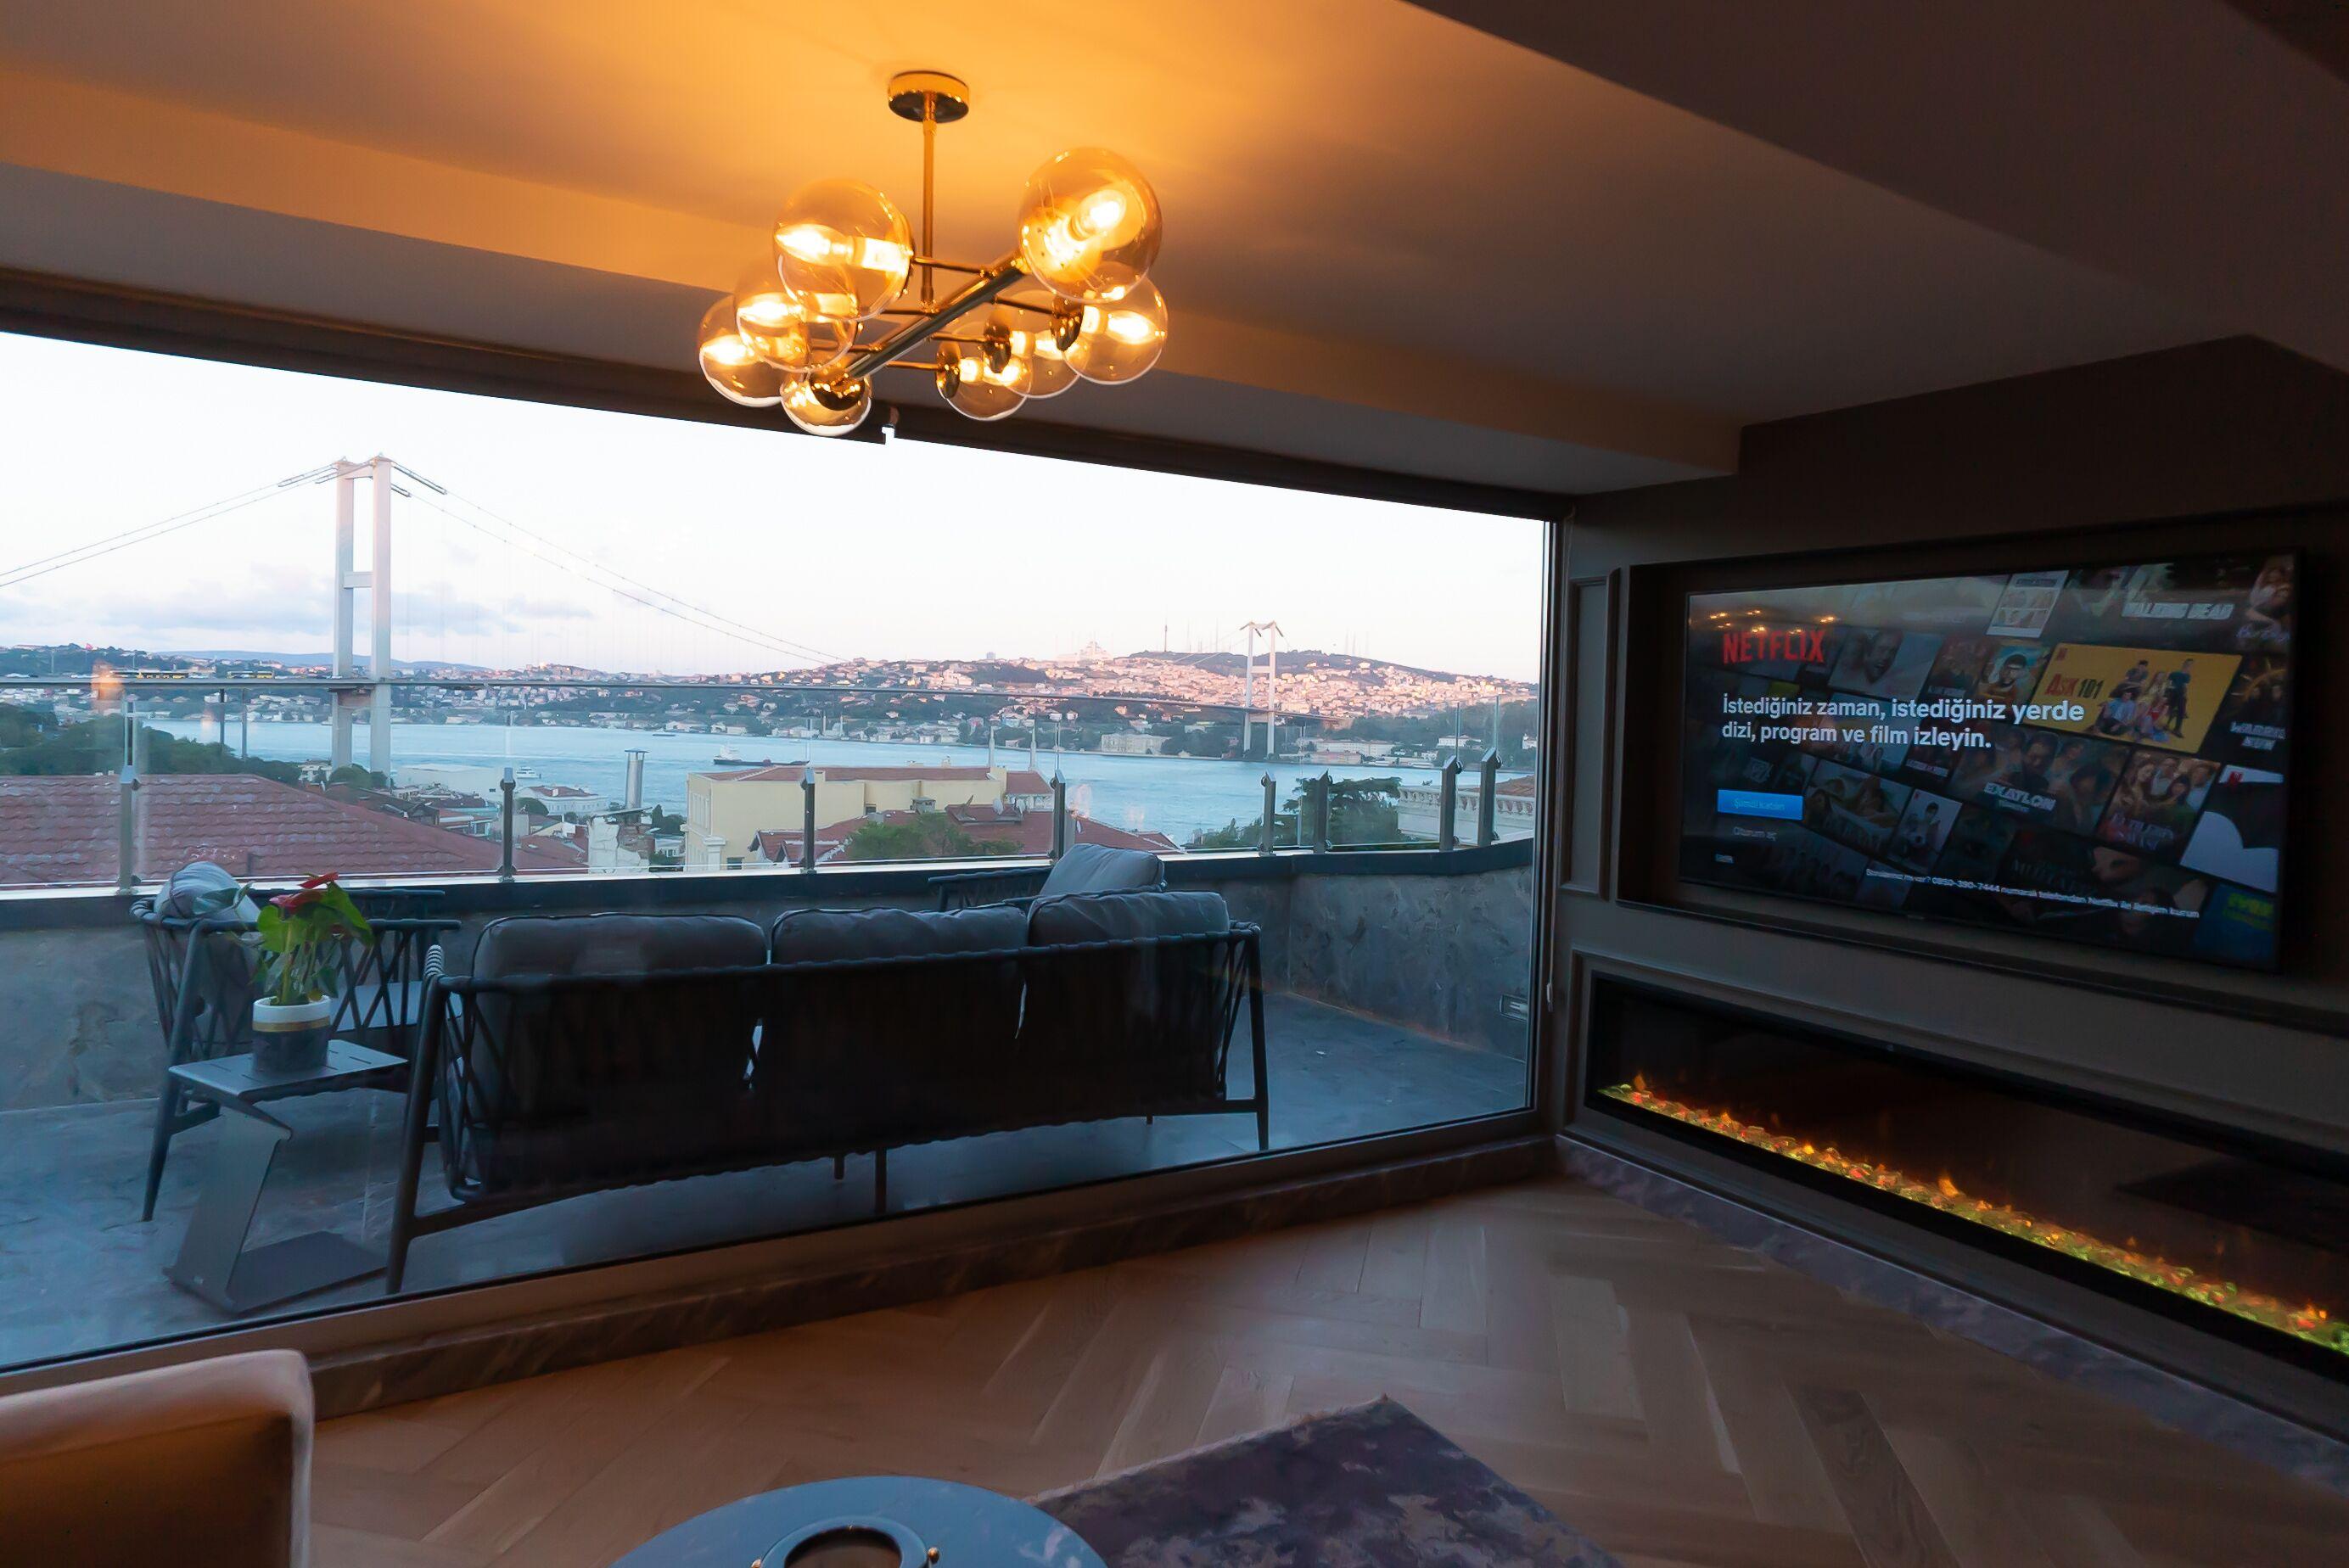 Malta Bosphorus Hotel & Suites